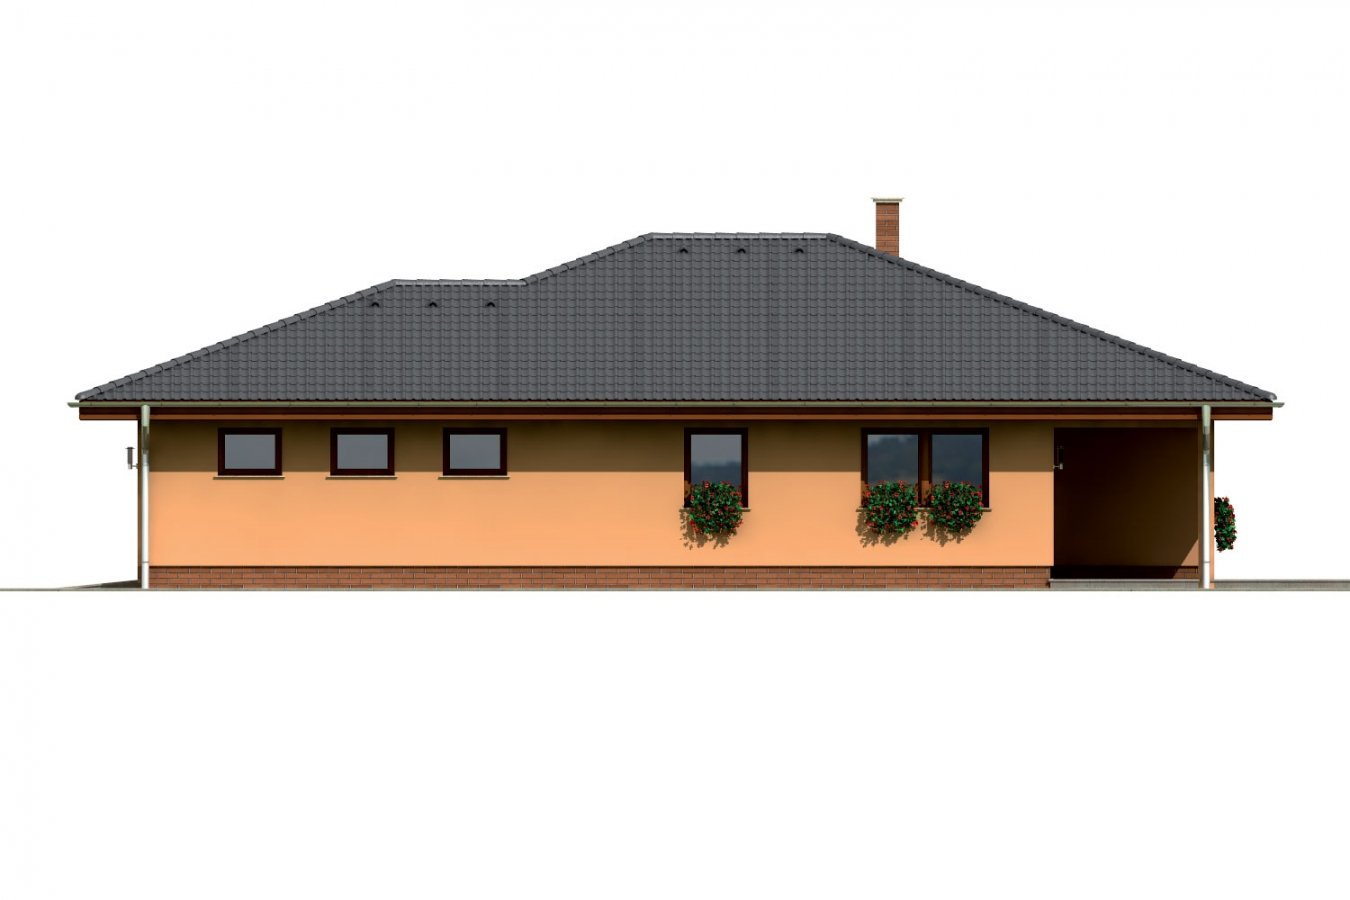 Pohľad 4. - Bungalov s veľkou garážou a terasou